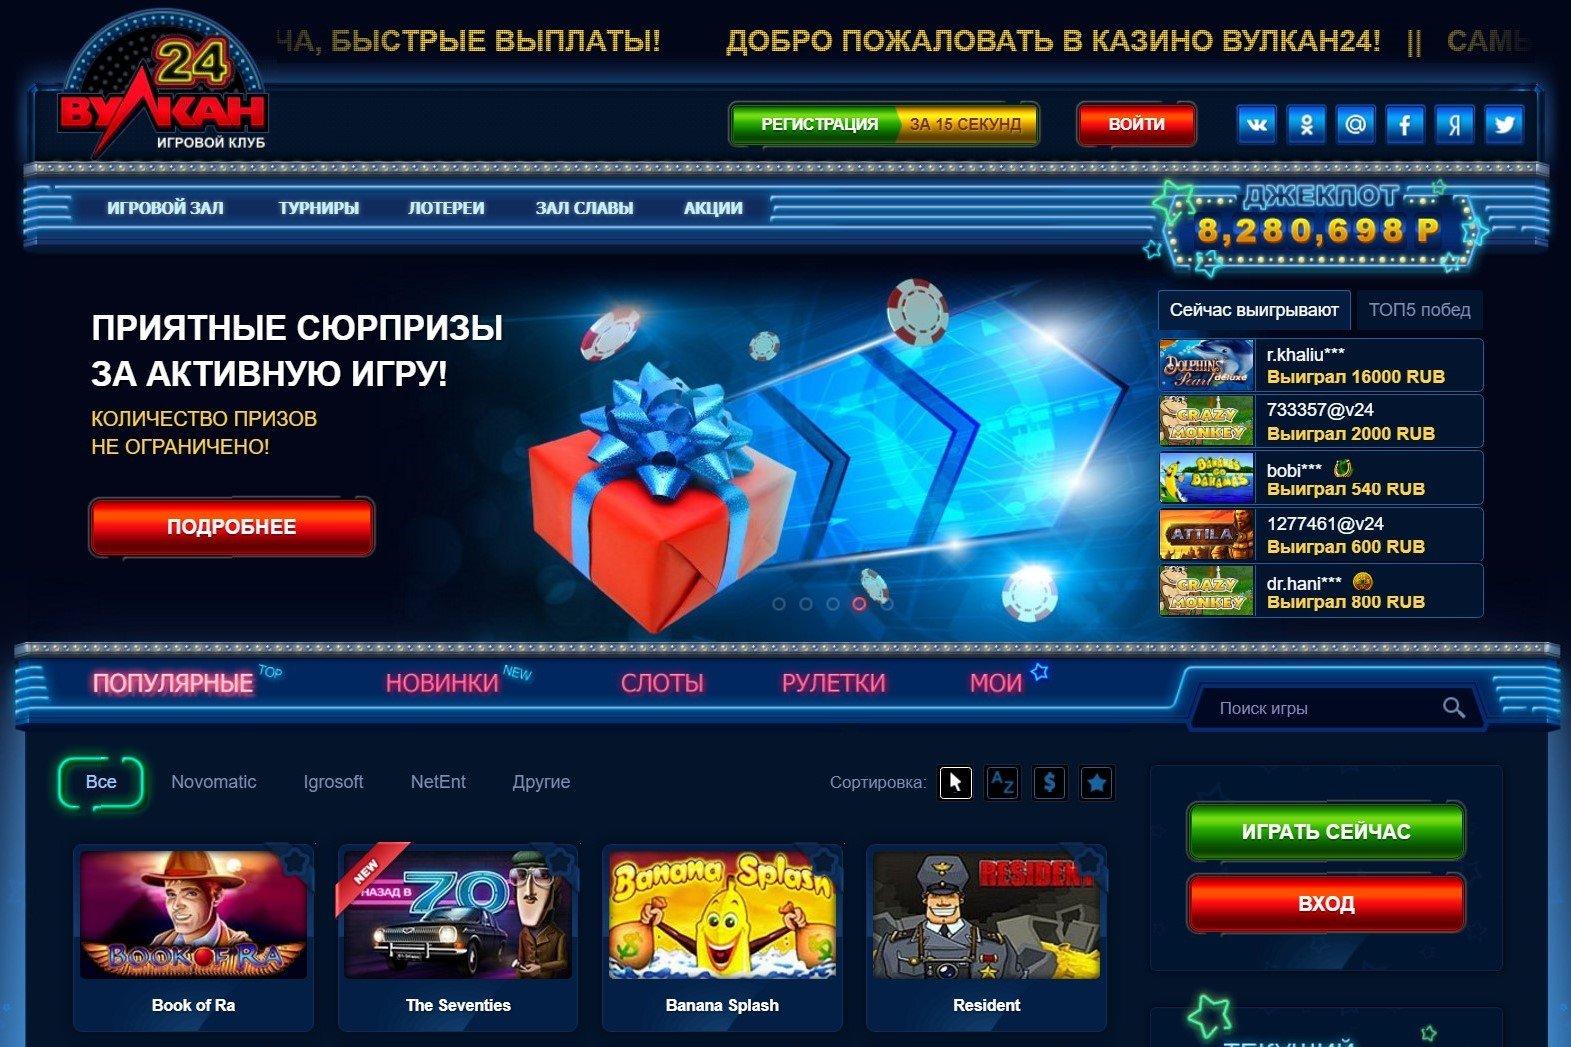 Казино Vulkan 24: обзор заведения, скачать автоматы для новичков, играть со смартфона